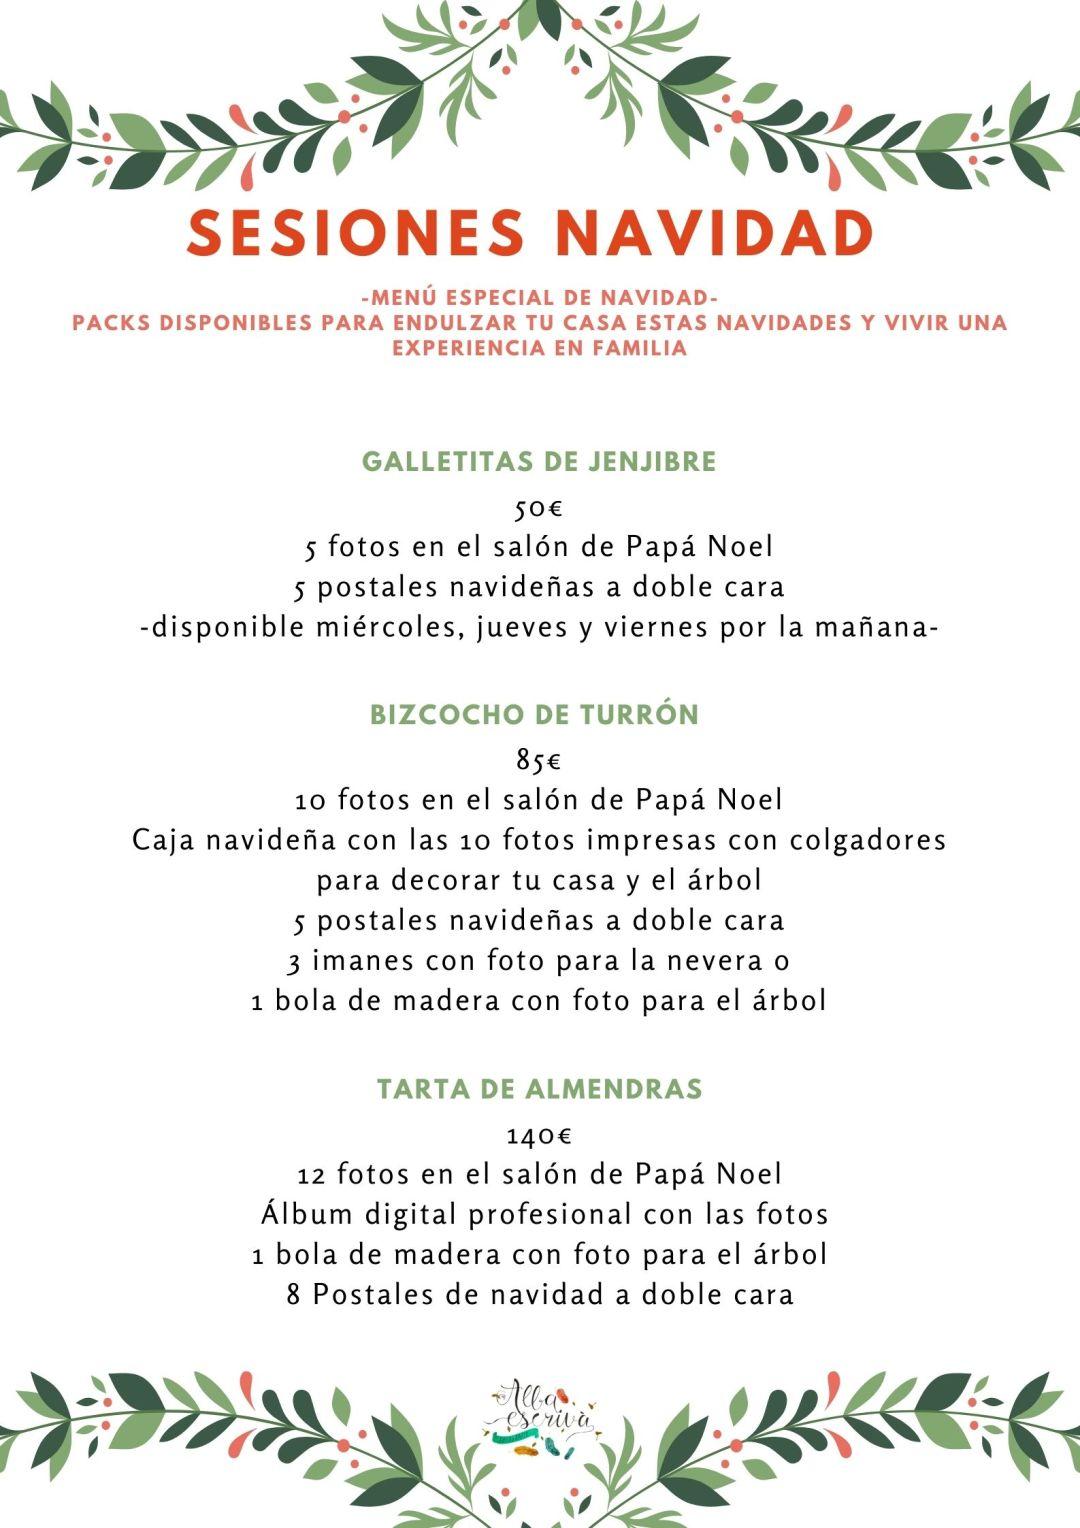 sesiones navidad 2020